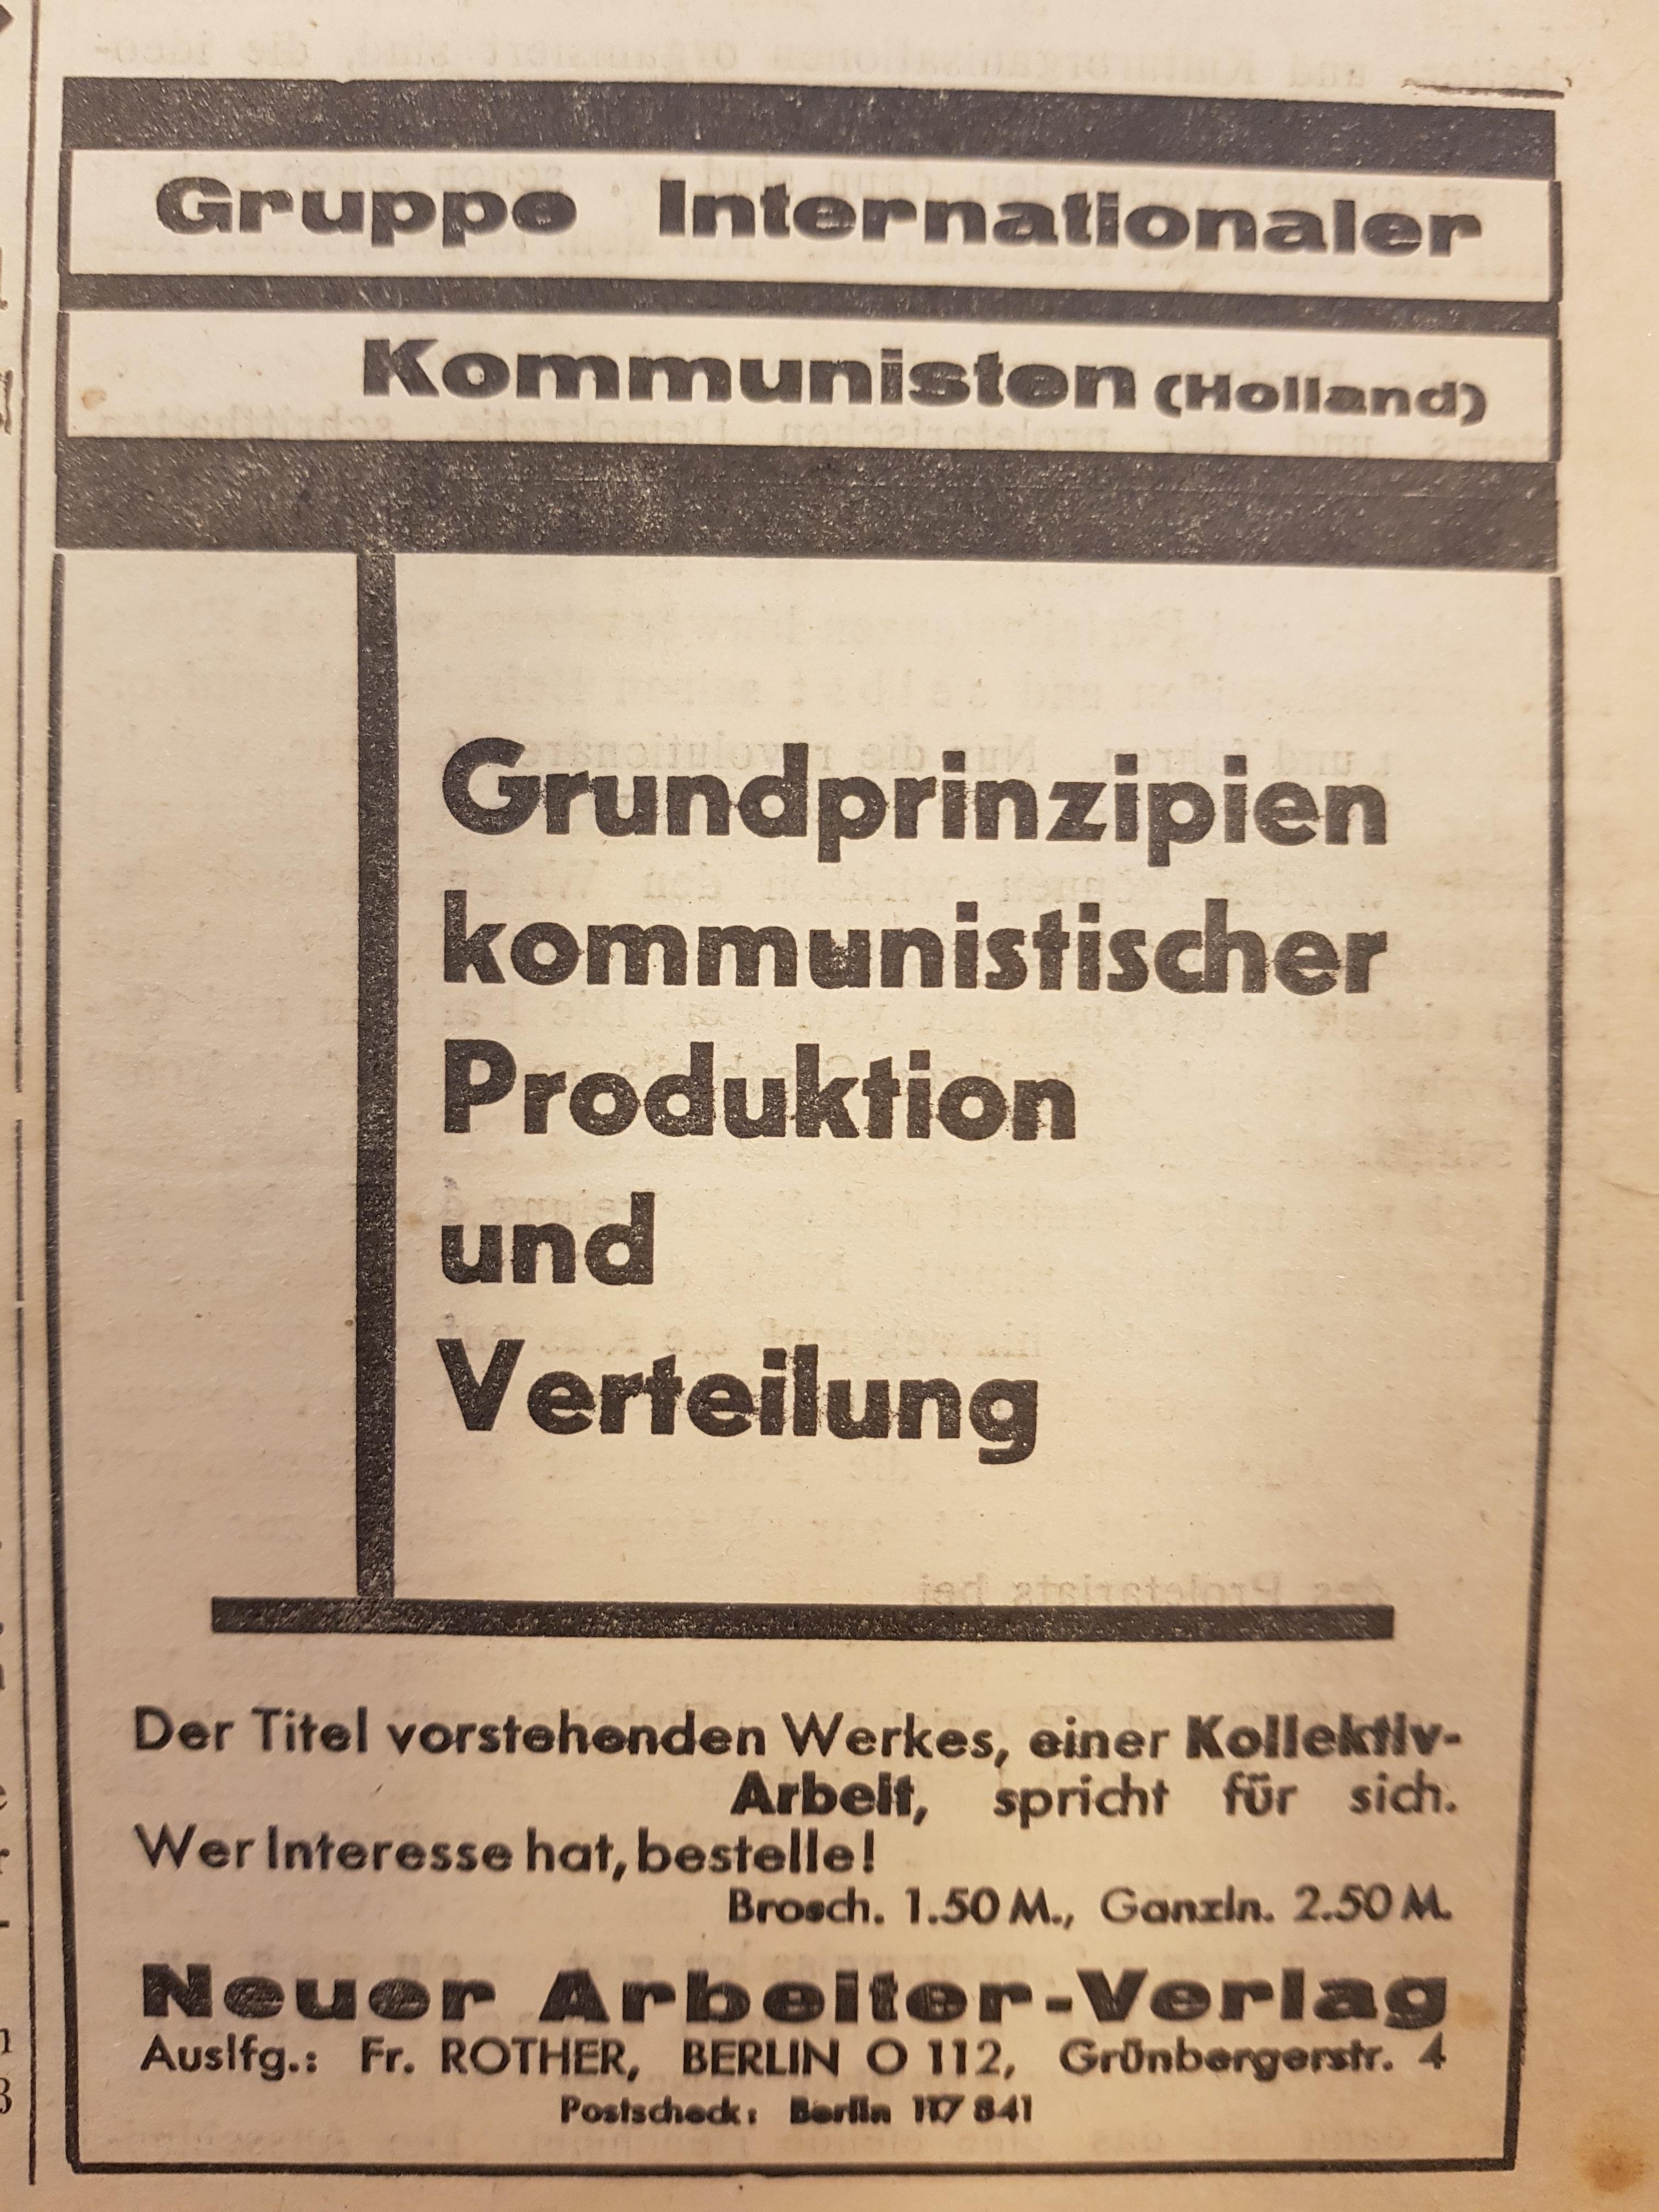 Principios fundamentales de la producción y distribución comunista. GIC. Edición en español.  Grundprinzipien-1932